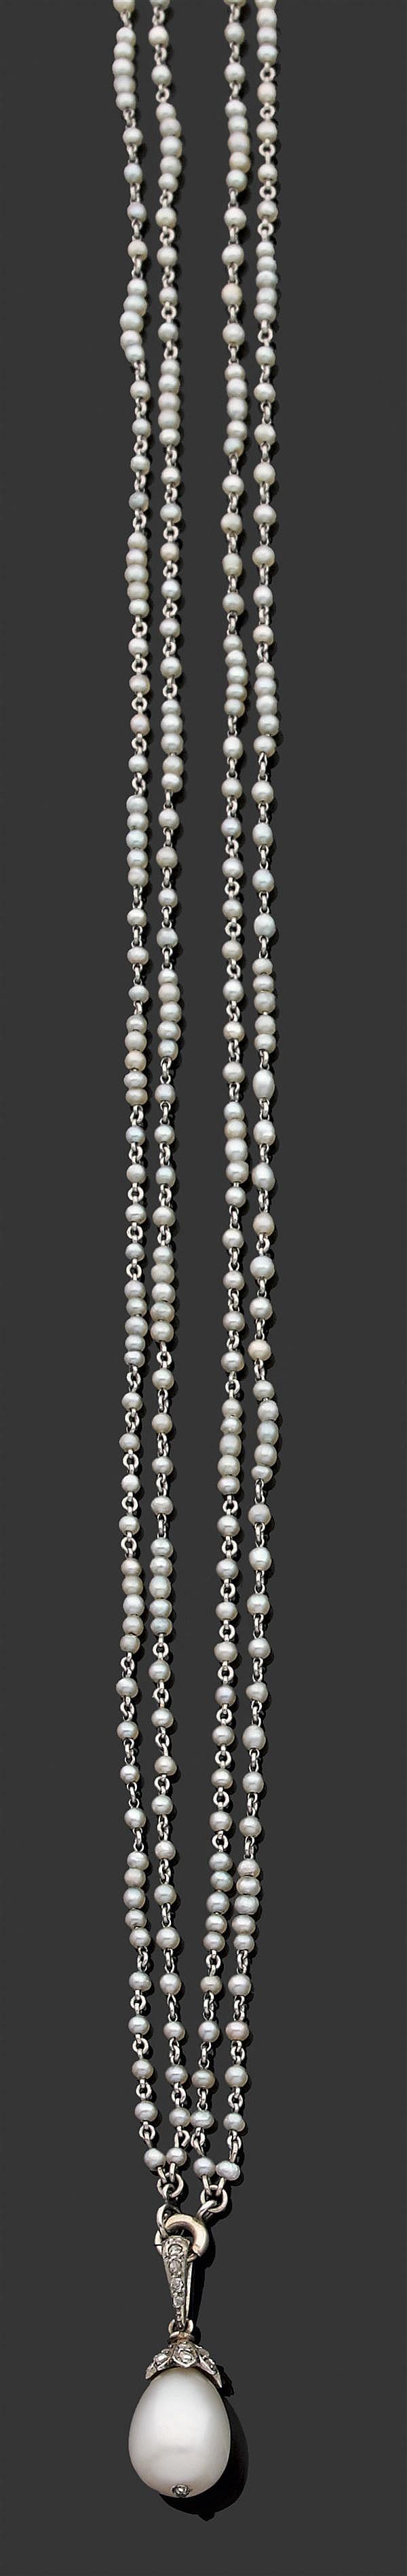 Rare collier de perles fines Il se compose d'une perle fine de forme poire à culot et bélière serties de diamants taillés en rose, u...